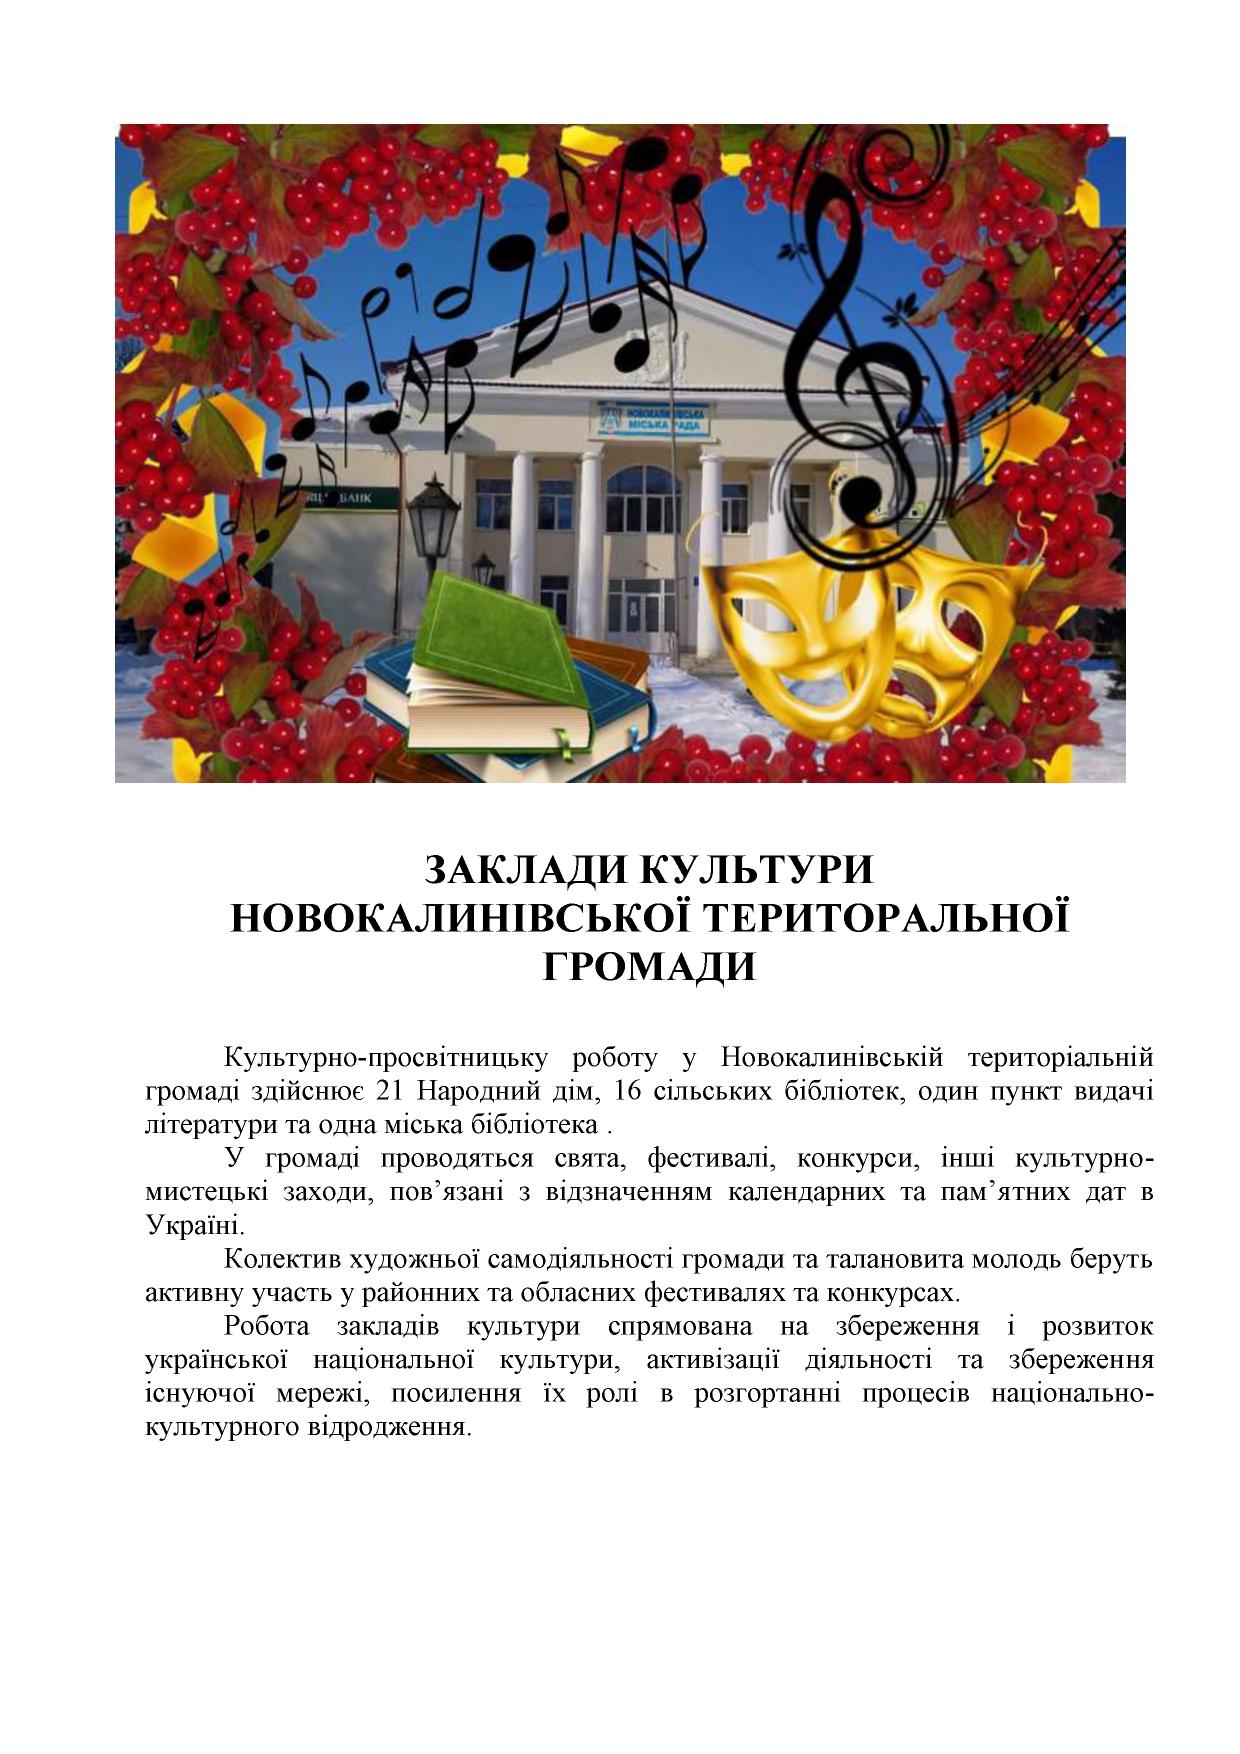 zaklady kultury Novokalynivskoi TH